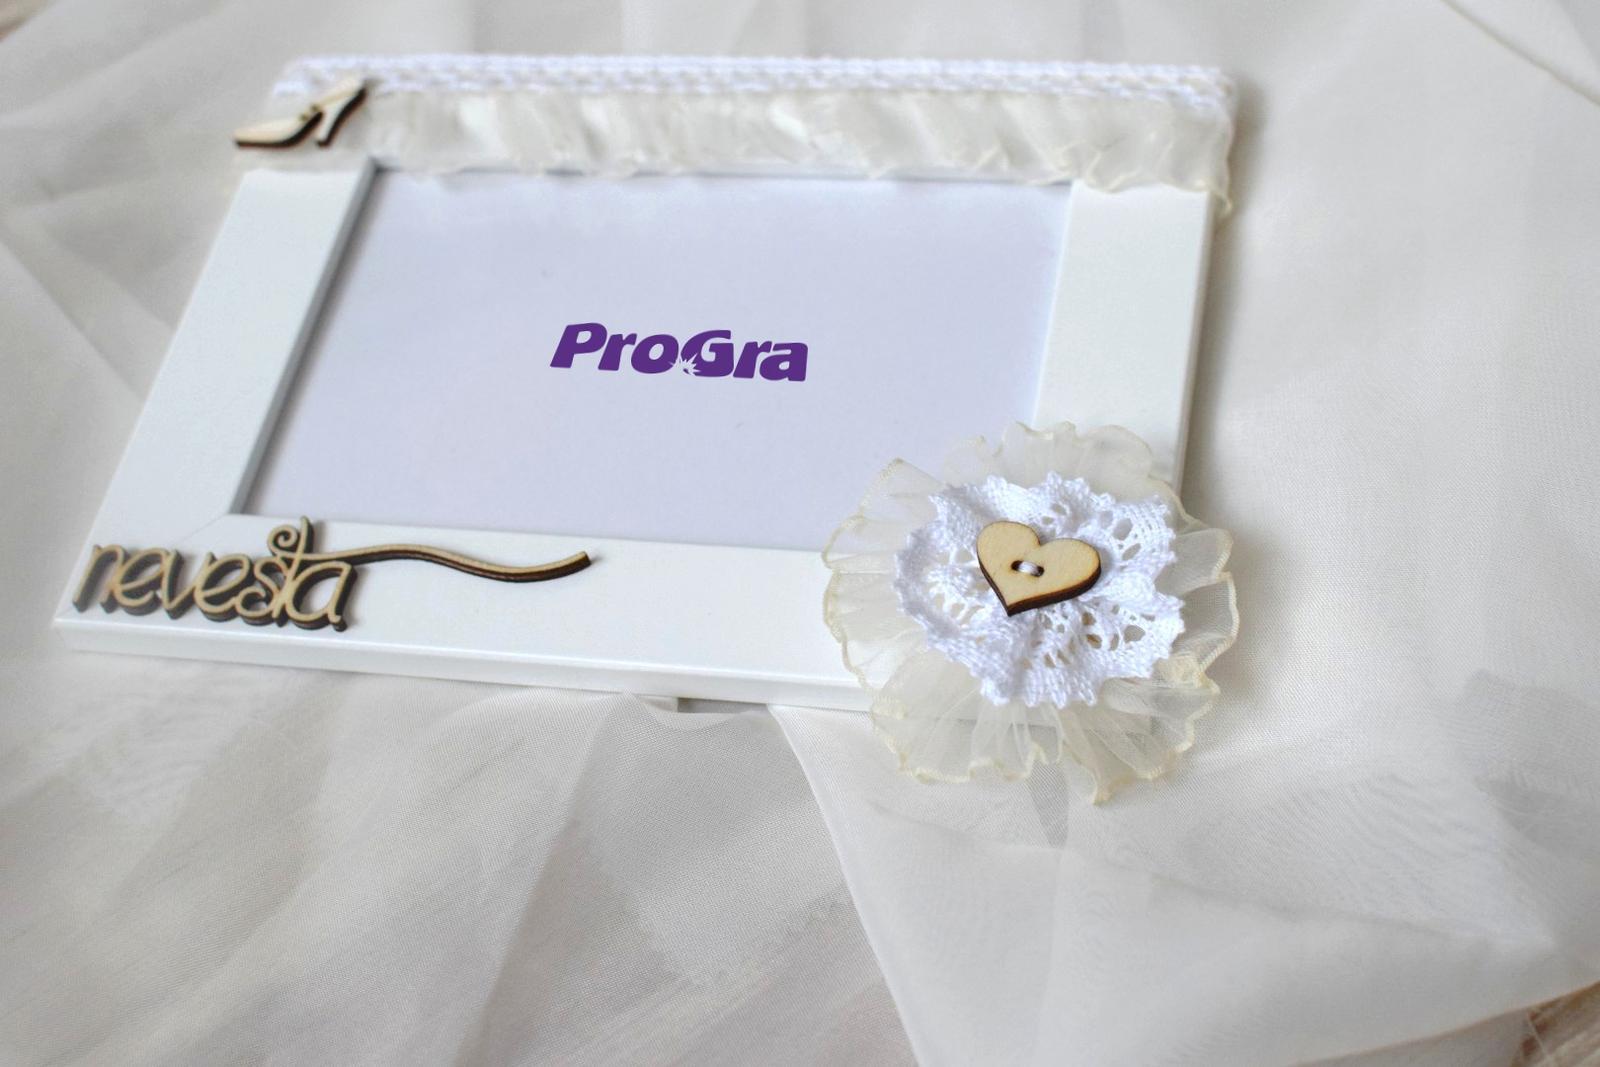 Detaily pre Váš svadobný deň - Nevesta - fotorámik